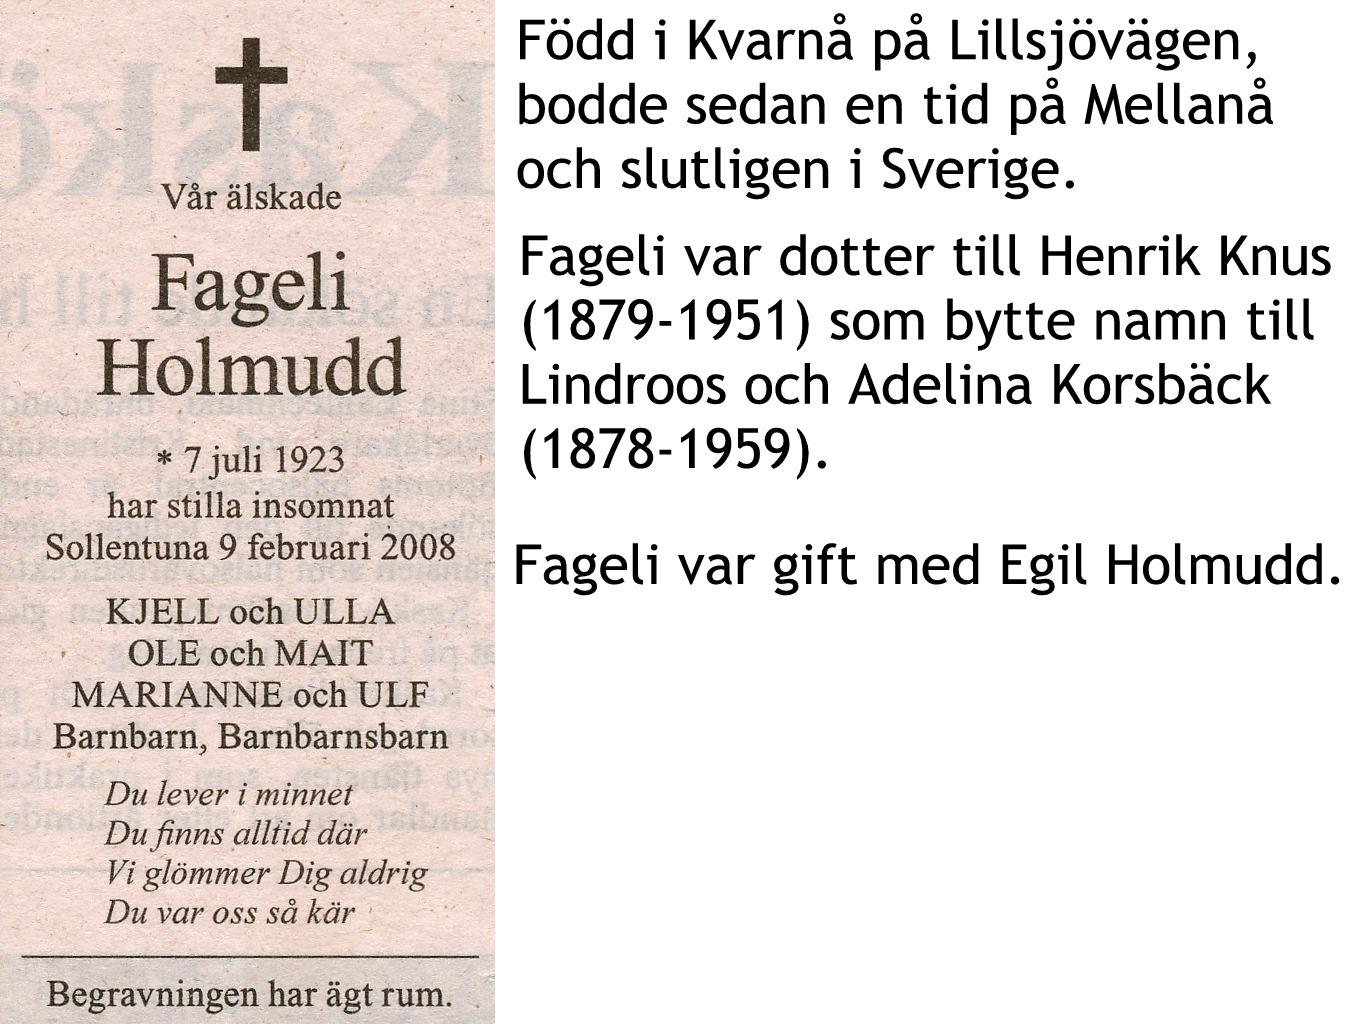 Holmudd Fageli